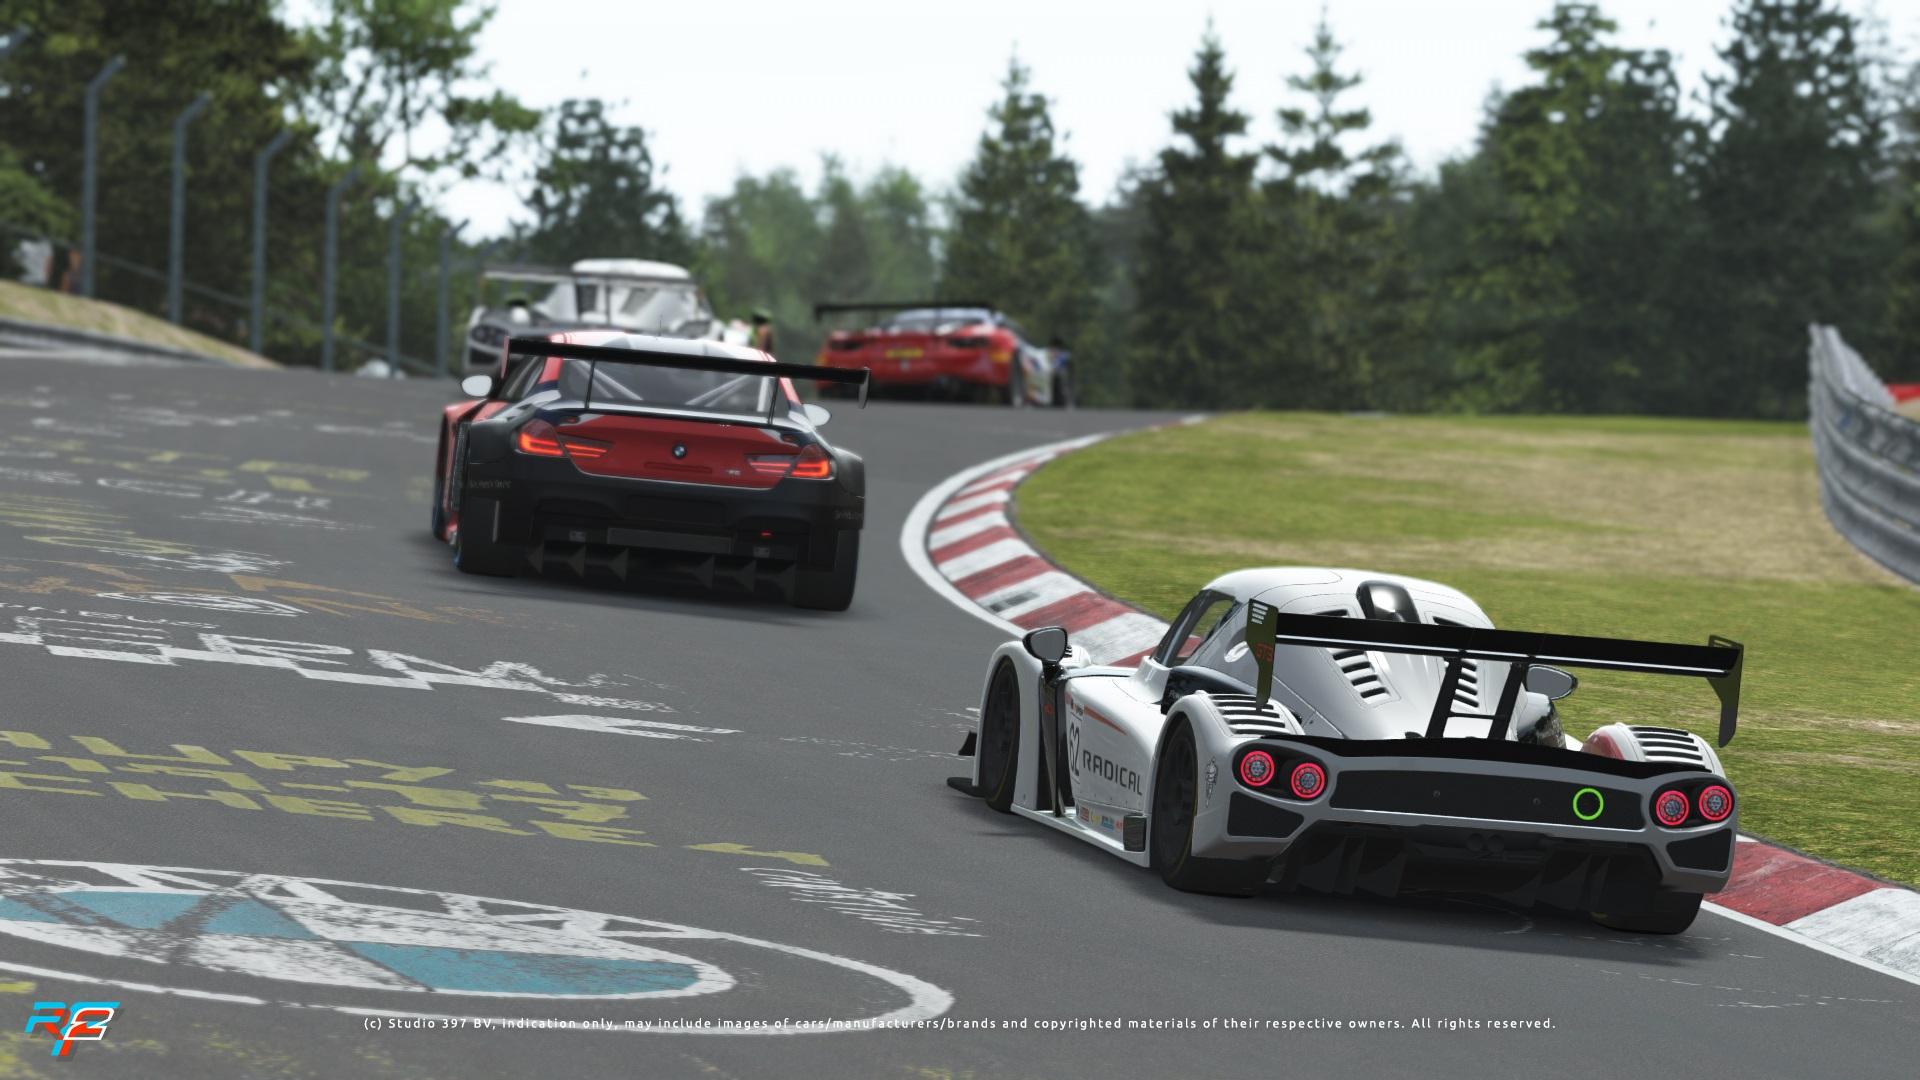 nurburgring_2020_october_screen_09.jpg